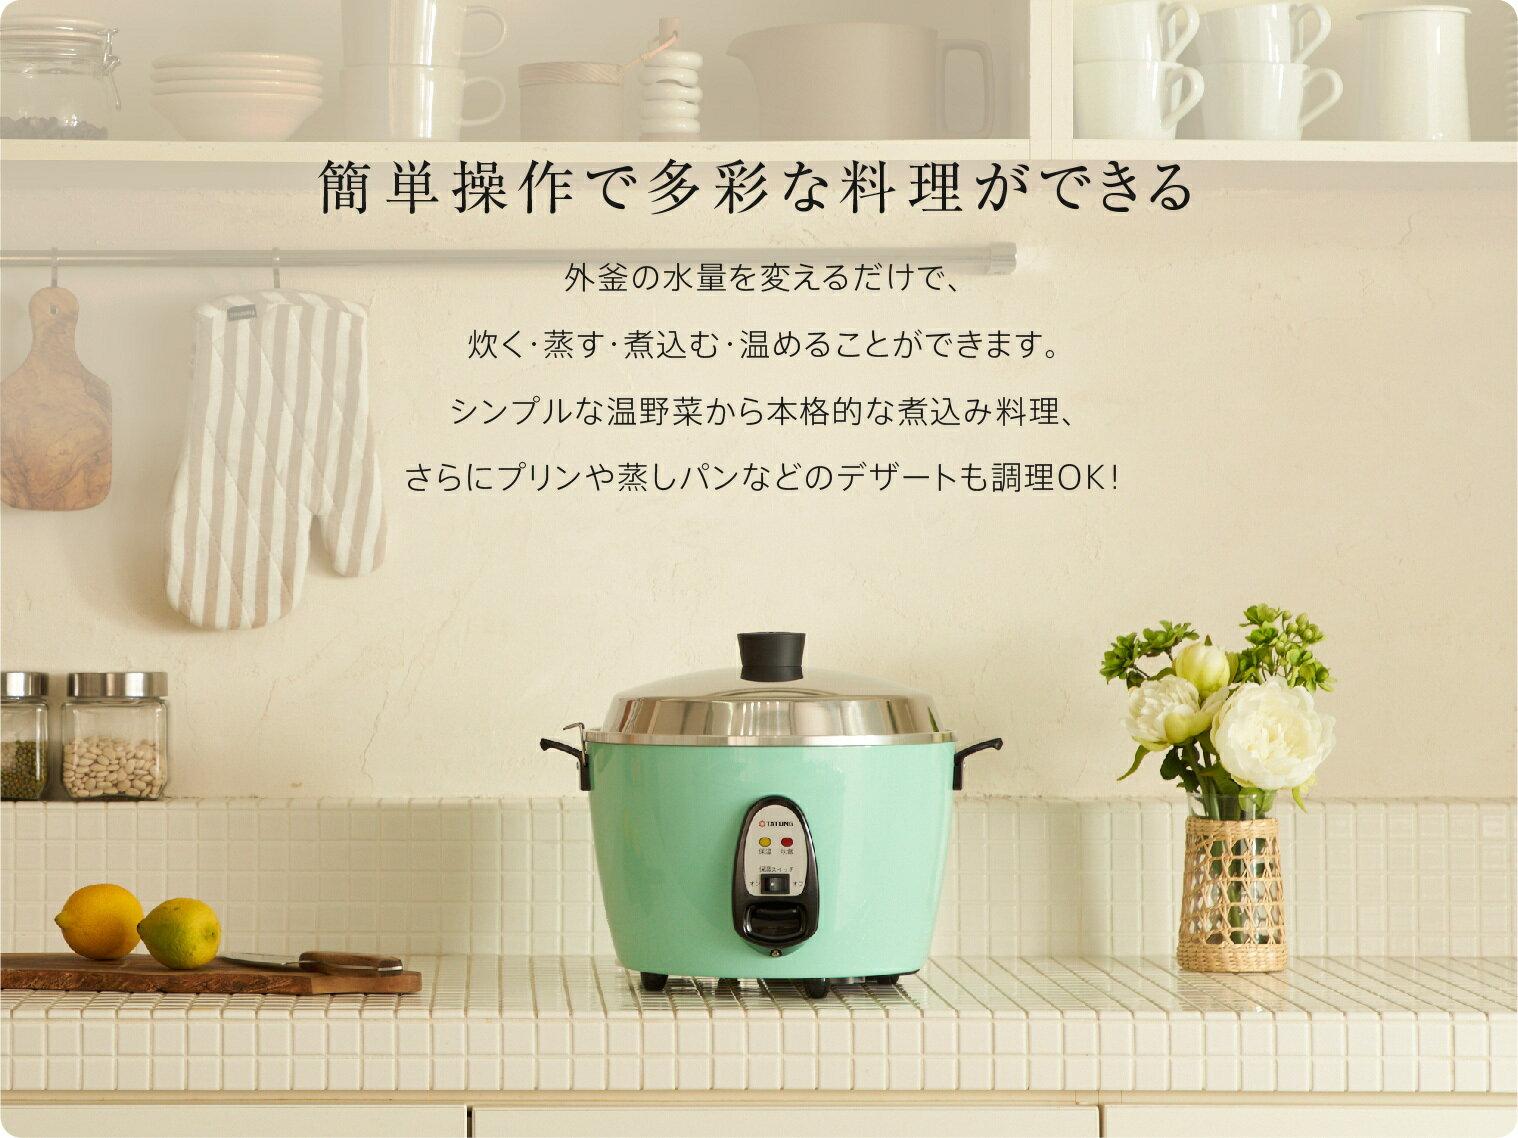 大同電鍋楽天公式販売店ー 6合 Mサイズ 外釜アルミ製(アクアブルー)